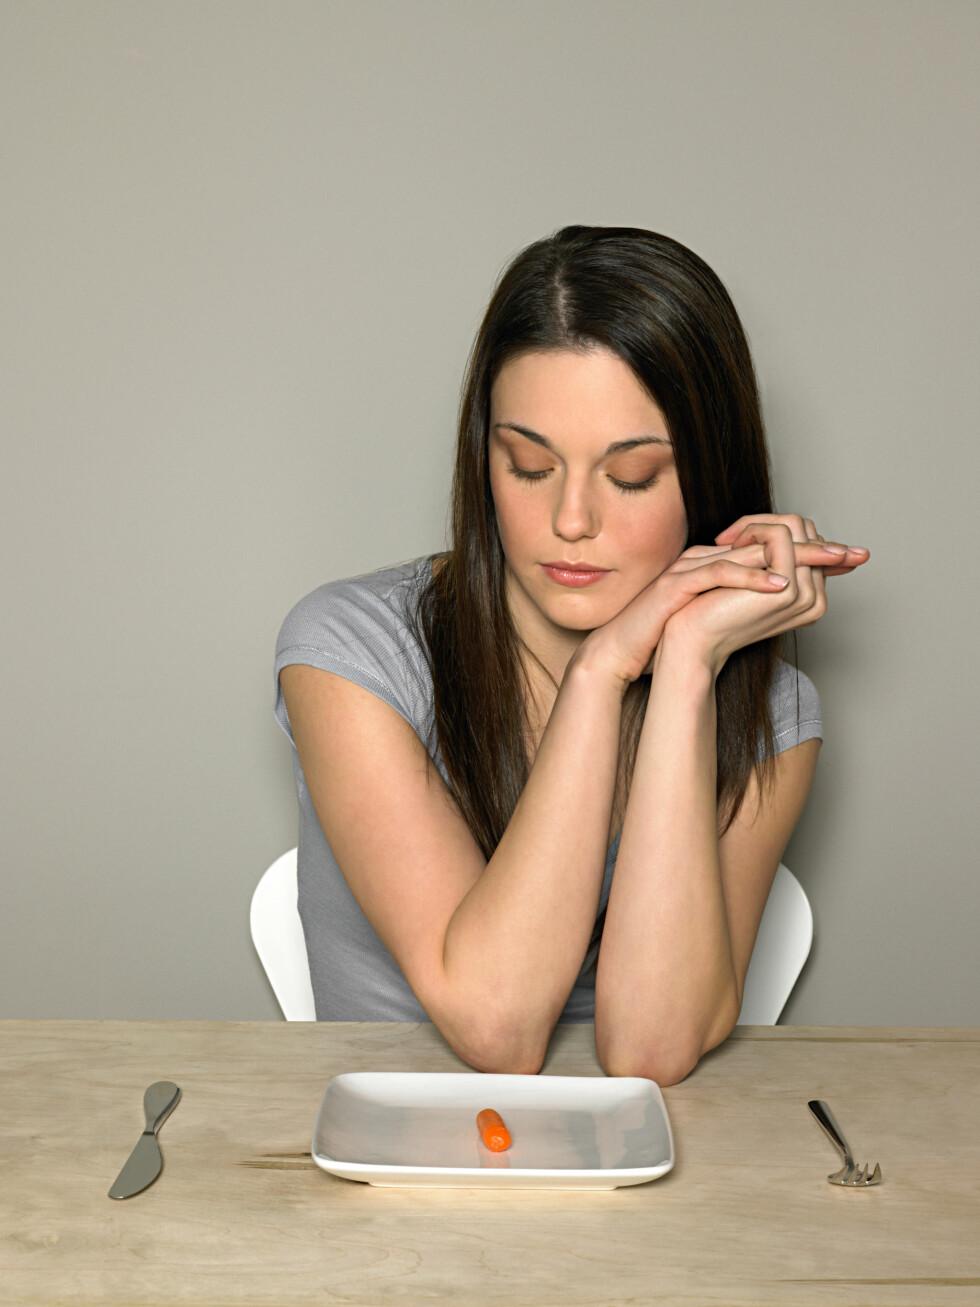 SULTING: Visste du at de fleste spiseforstyrrelser starter med en diett? Ifølge Shammas har de populære detox-kurene vært med på å sette i gang en ny form for spiseforstyrrelse som hun kaller for juicerexia. Det er rett og slett sulting i en annen innpakning. Foto: (c) Image Source/Corbis/All Over Press